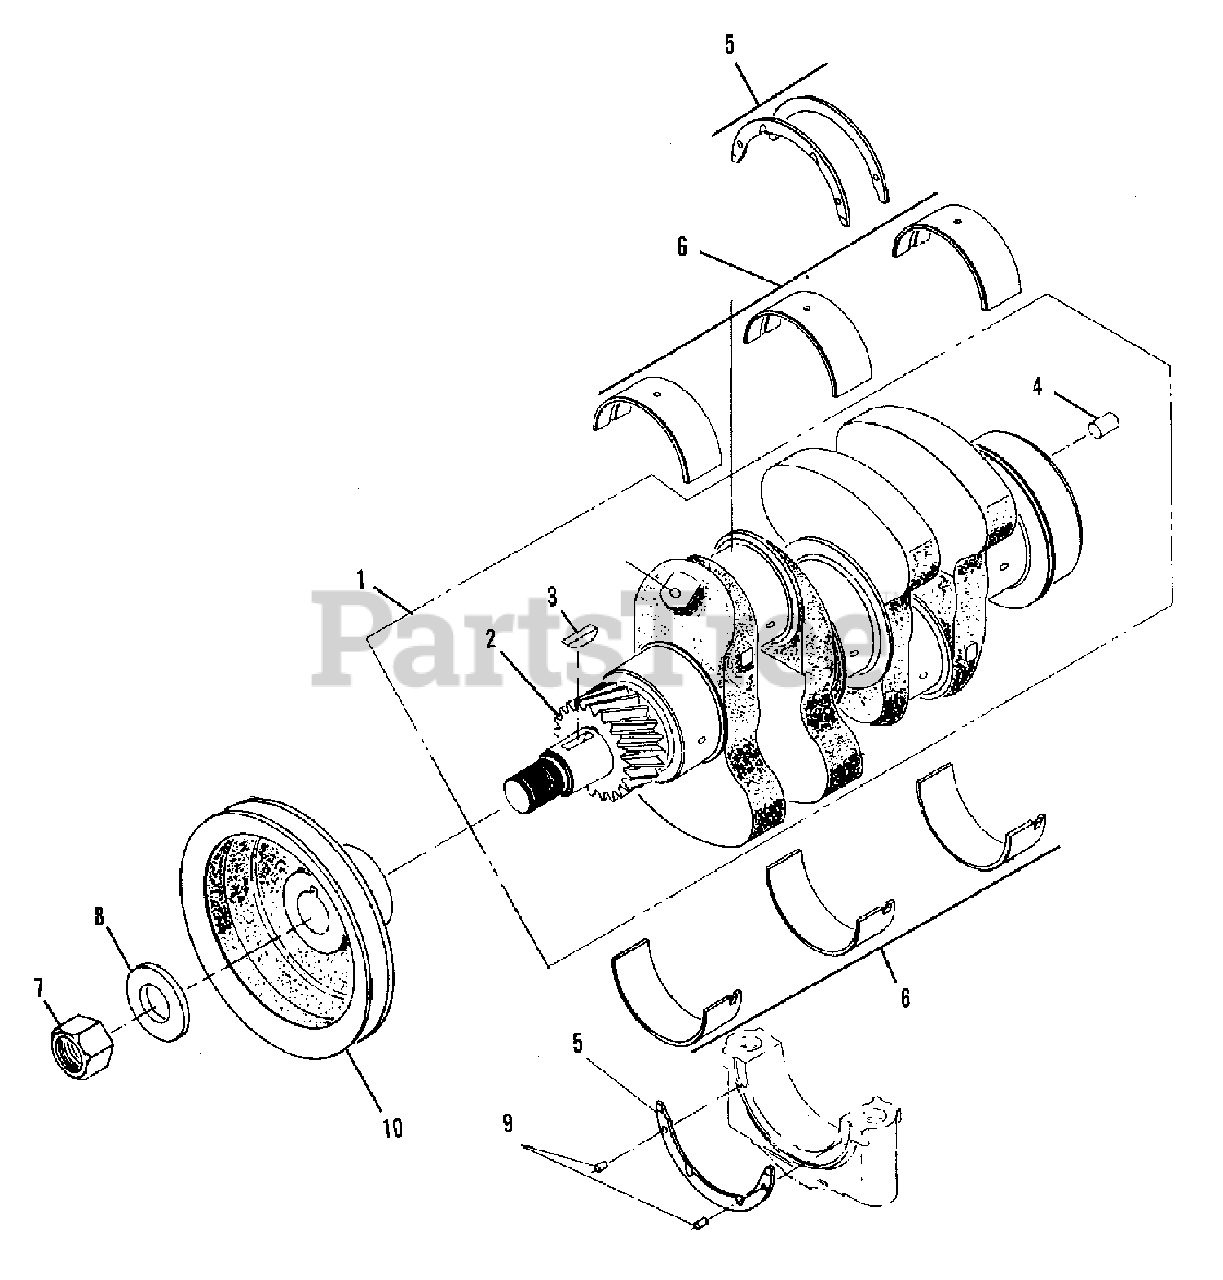 Diagram Allis Chalmerssel Tractor Wiring